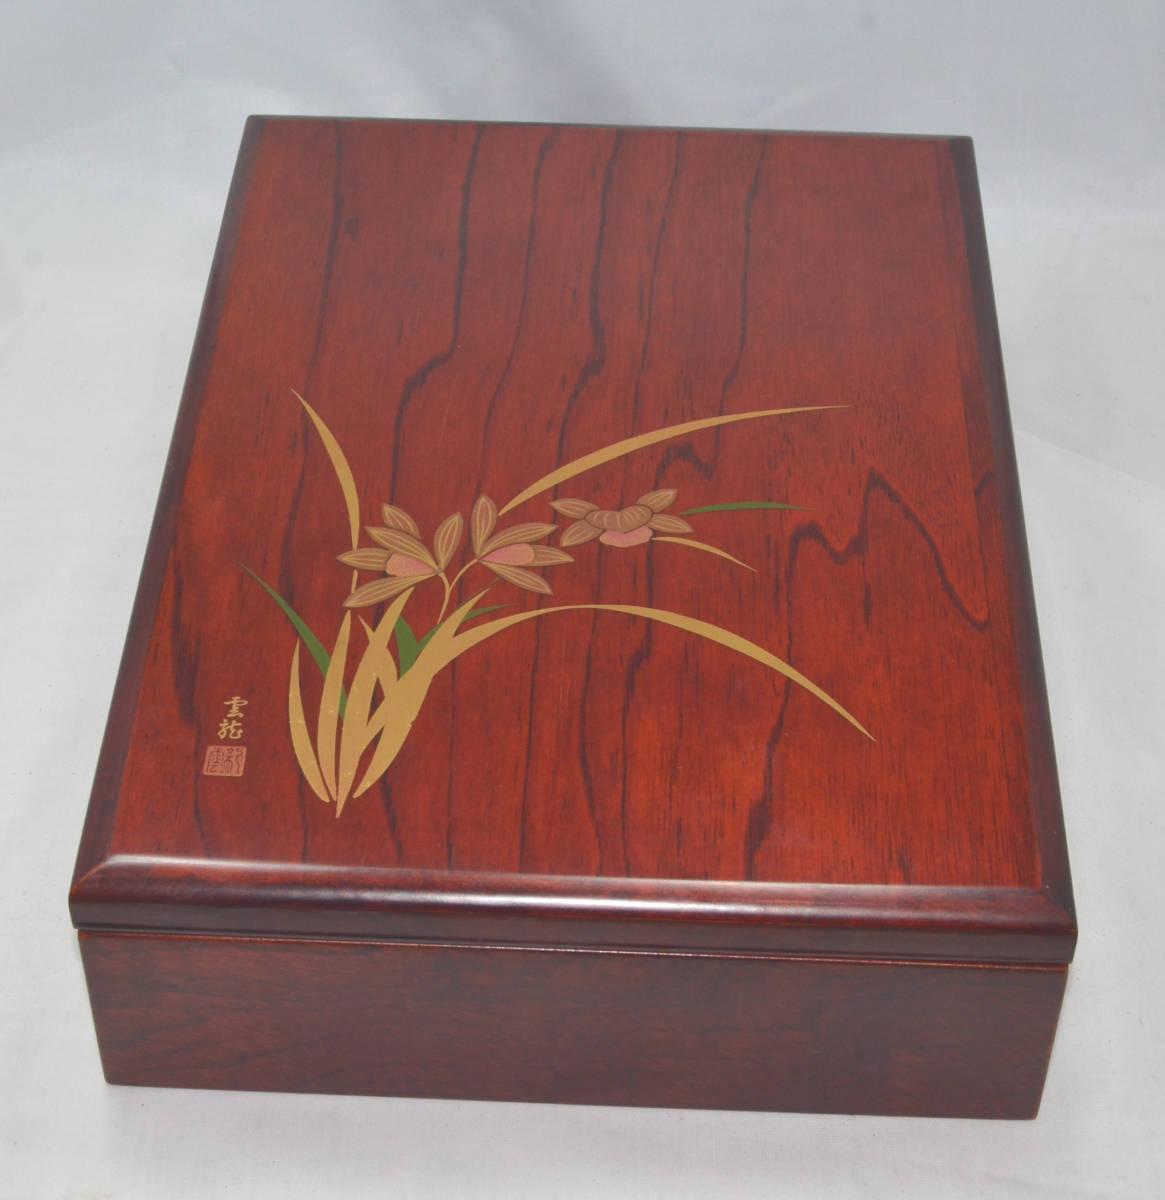 書道箱 文箱 道具箱 木製工芸品 落款あり、机上の整理箱としていかがでしょうか・中古美品